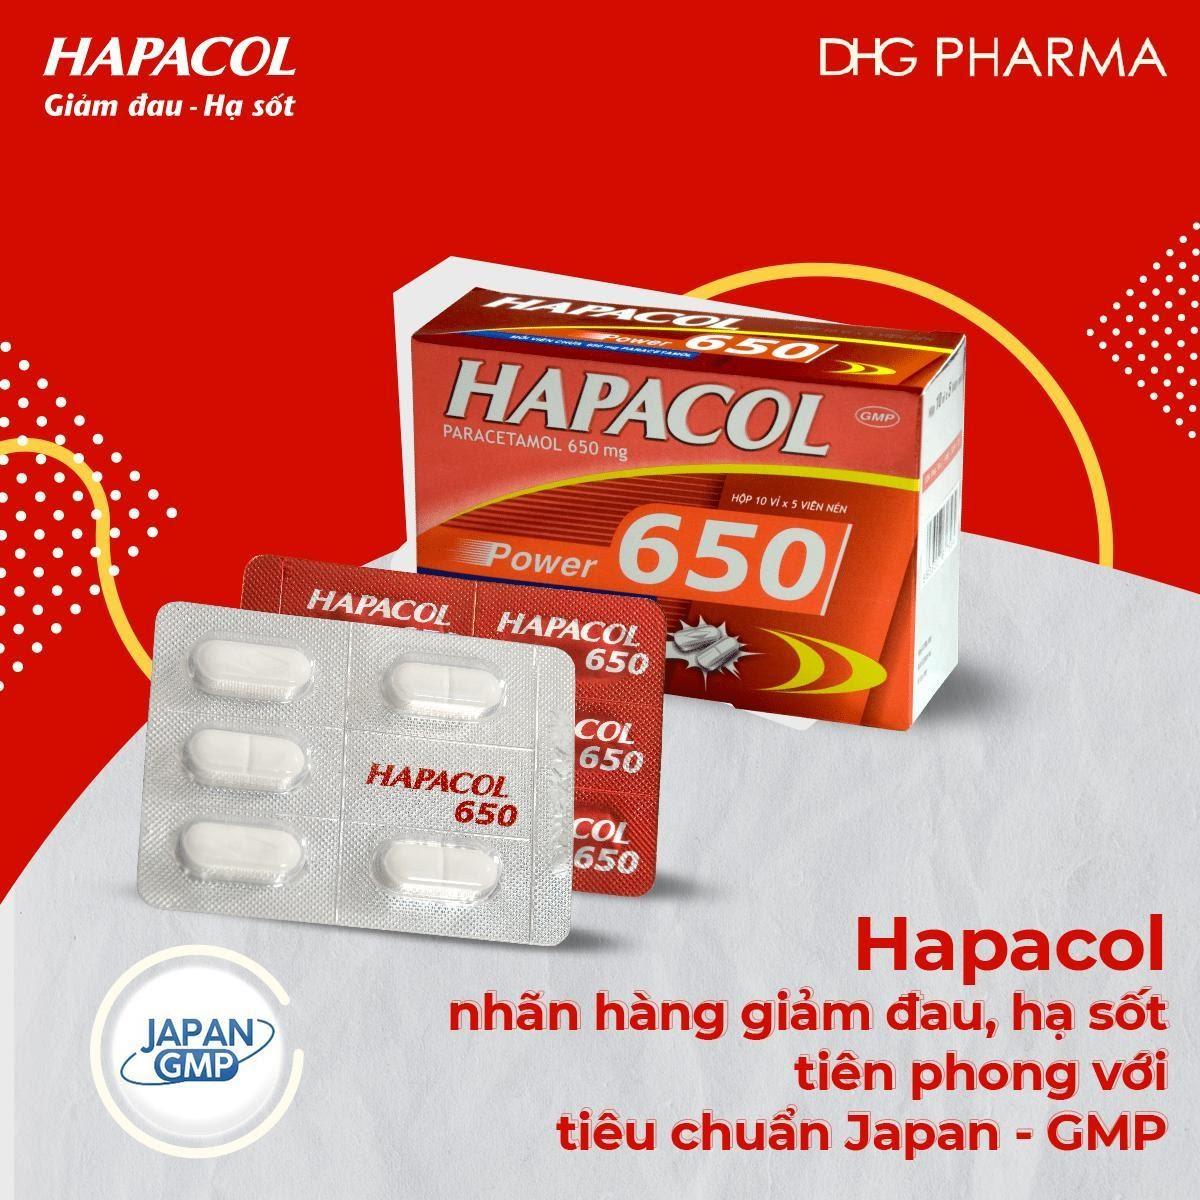 Hapacol là thương hiệu thuốc giảm đau hạ sốt cho ra đời liều 650mg dành cho tầm vóc cao lớn của người Việt hiện đại